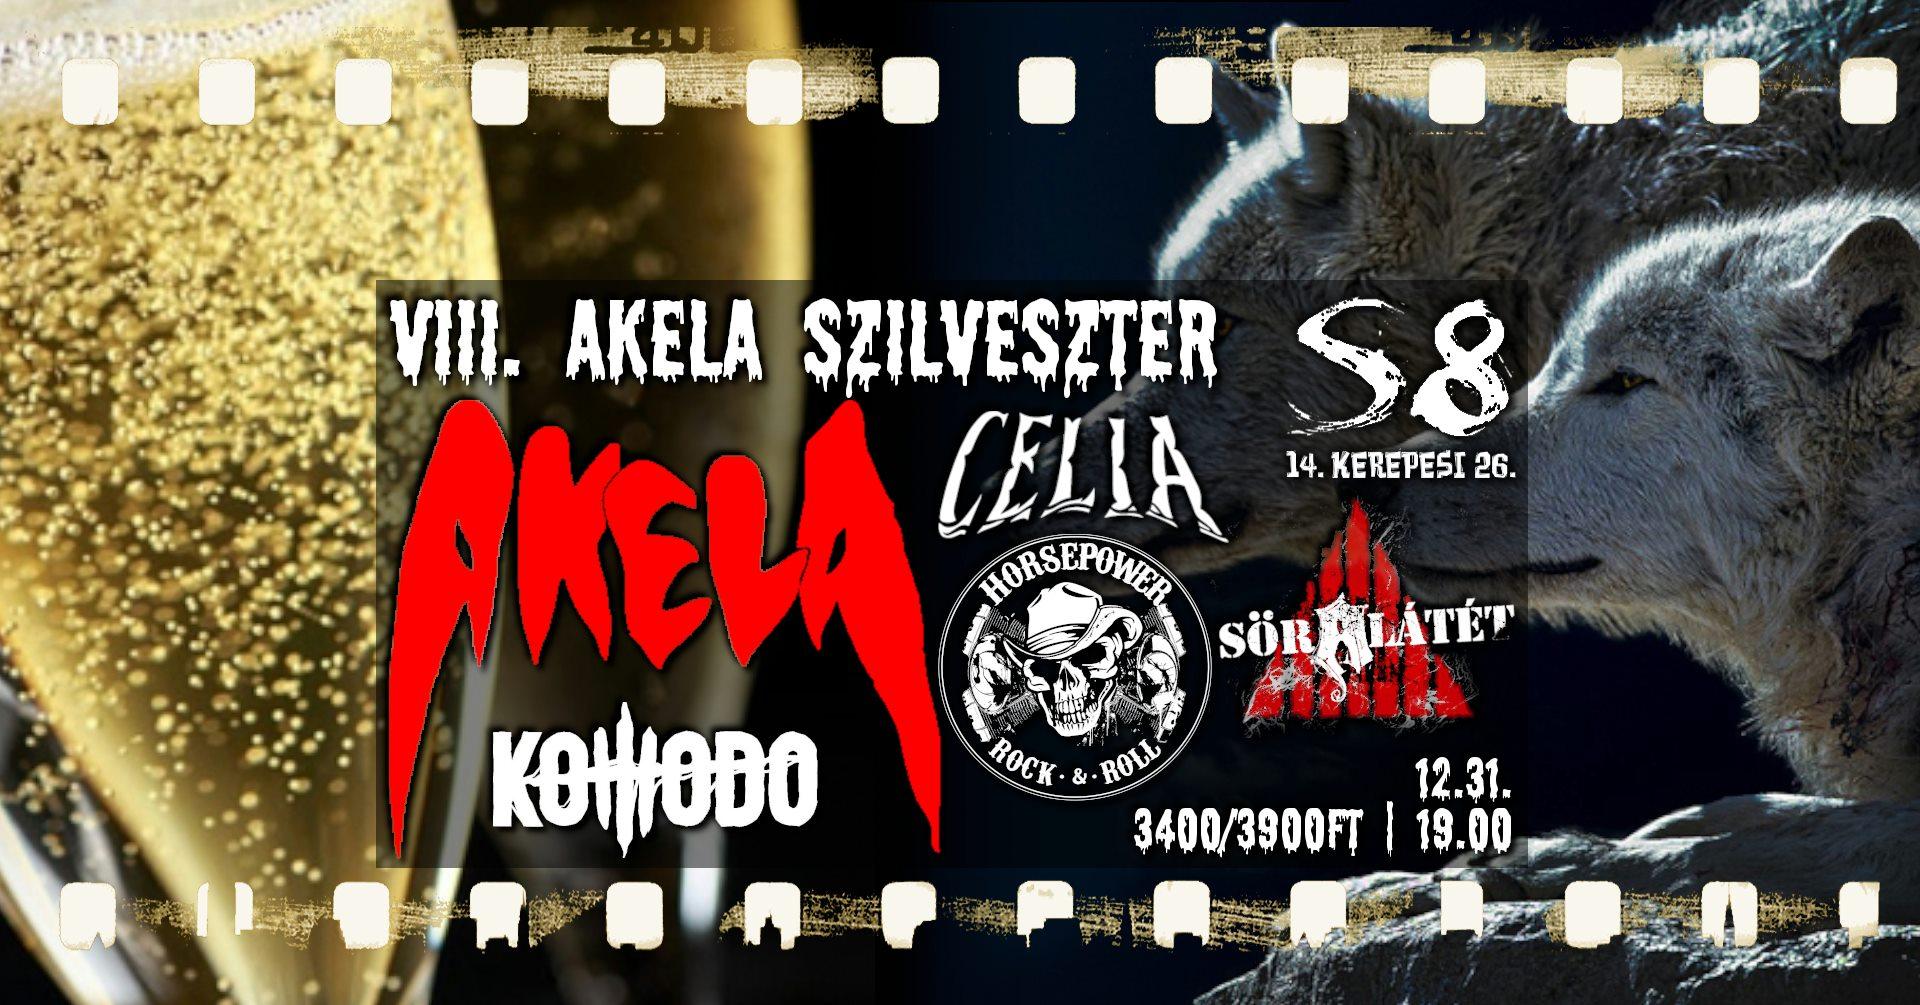 2021.12.31. Szilveszter koncert - Akela, Komodo, Celia, Horssepower, Söralátét - soralatet.com